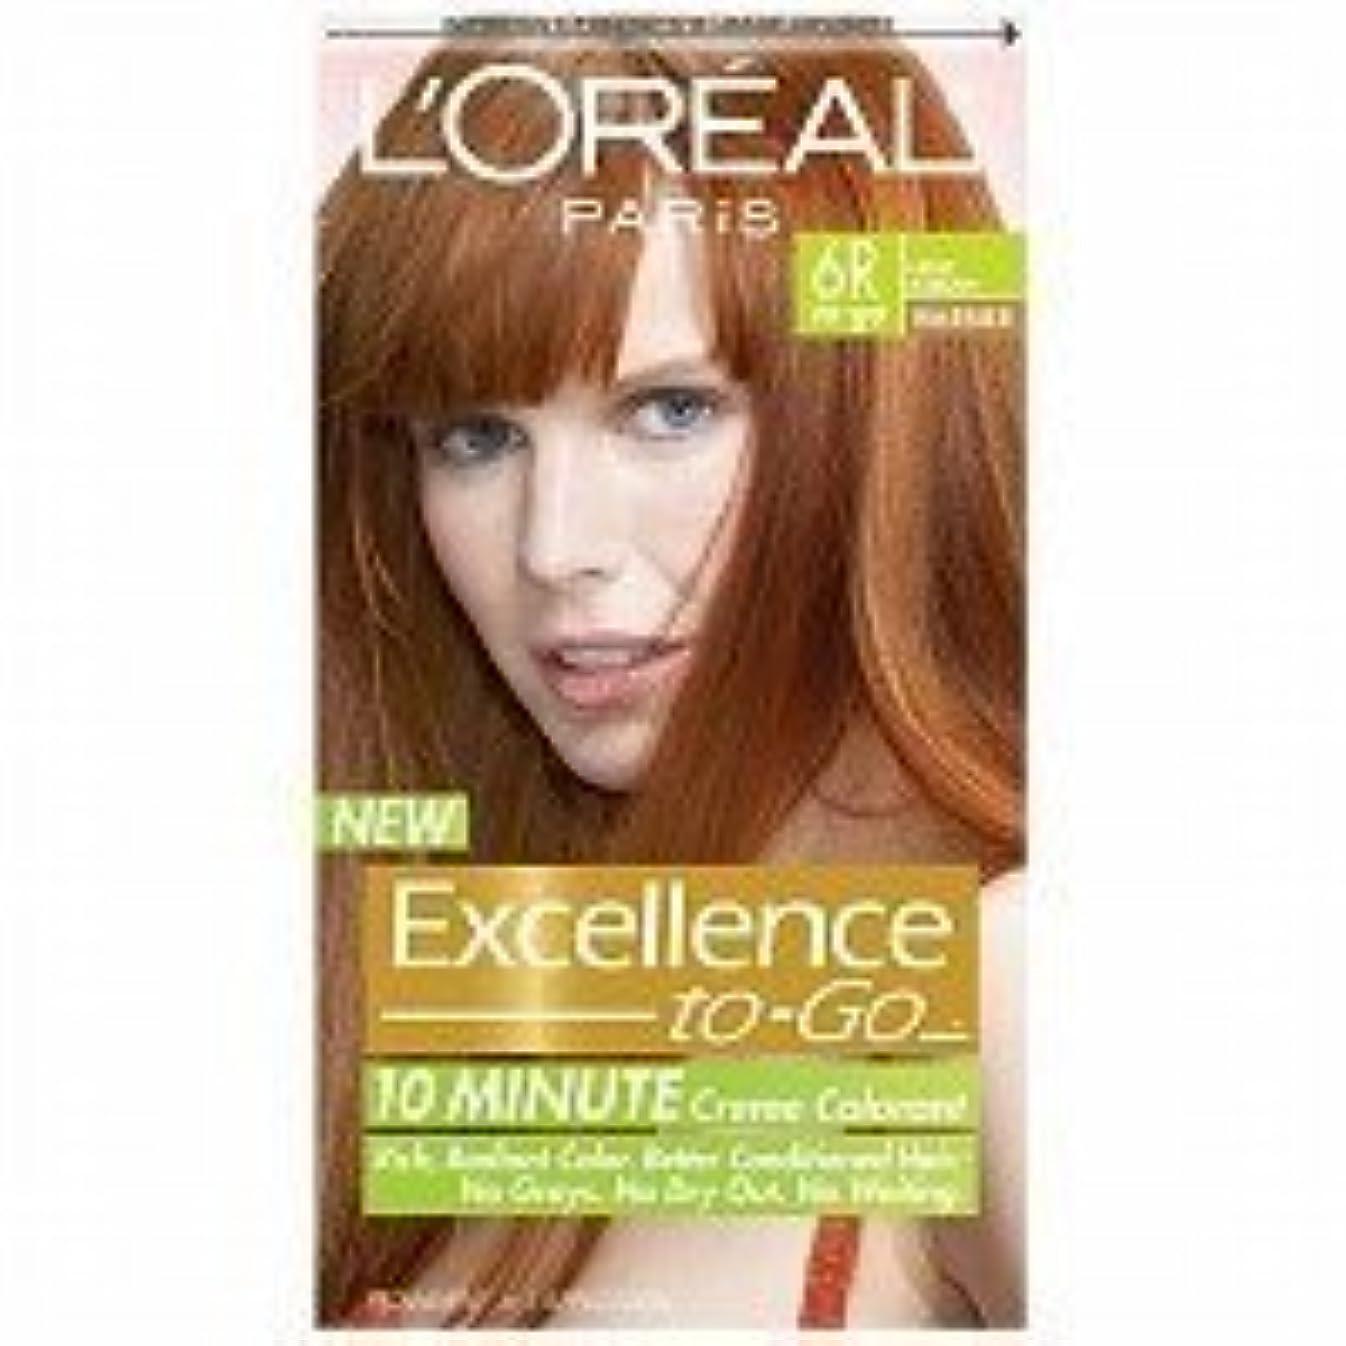 手ピケ中間L'Oreal Paris Excellence To-Go 10-Minute Cr?N?Nme Coloring, Light Auburn 6R by L'Oreal Paris Hair Color [並行輸入品]